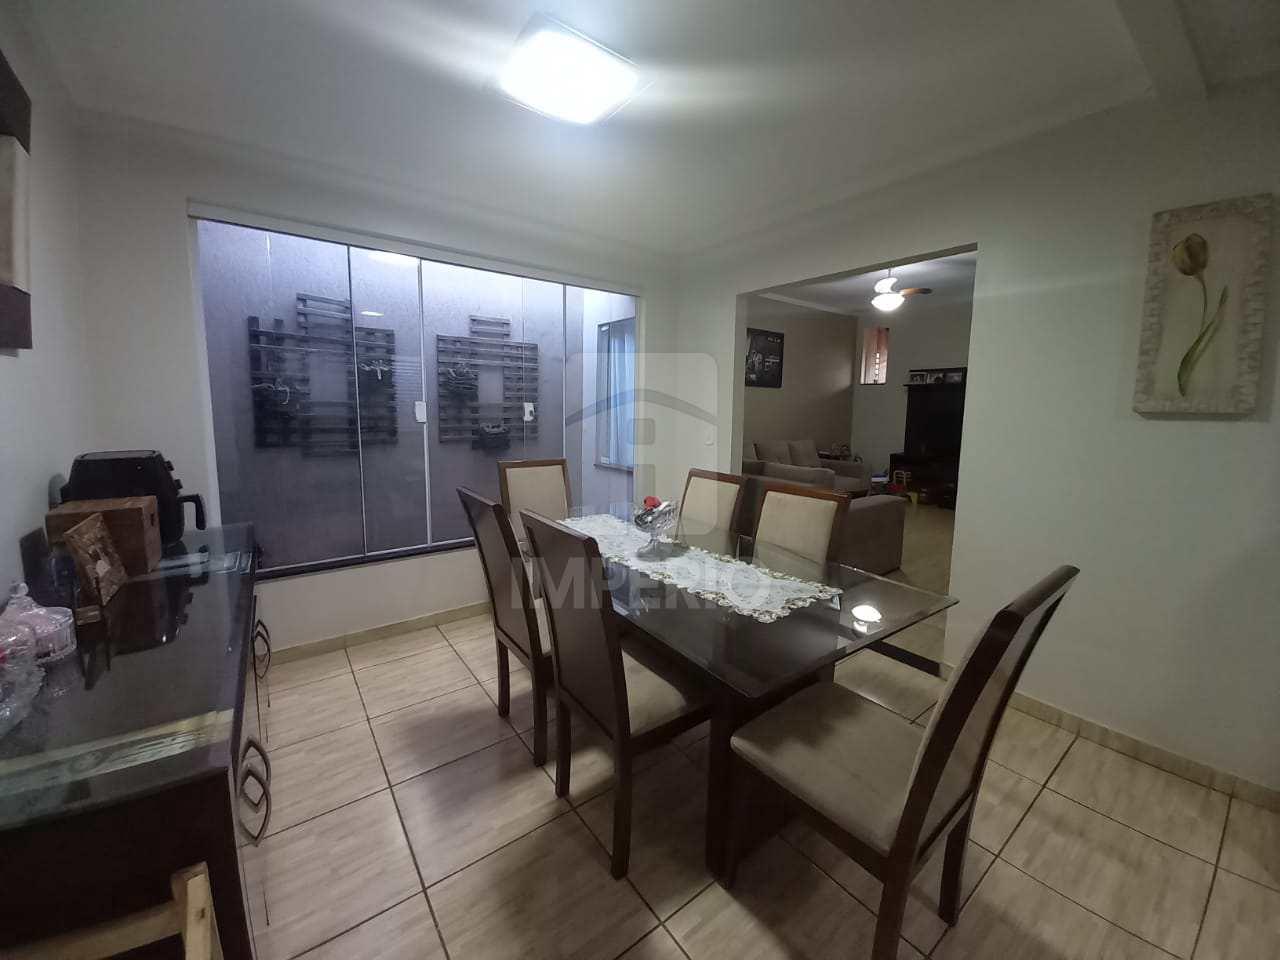 Casa com 2 dorms, Condomínio Residencial Bela Vista, Jaú - R$ 250 mil, Cod: 524